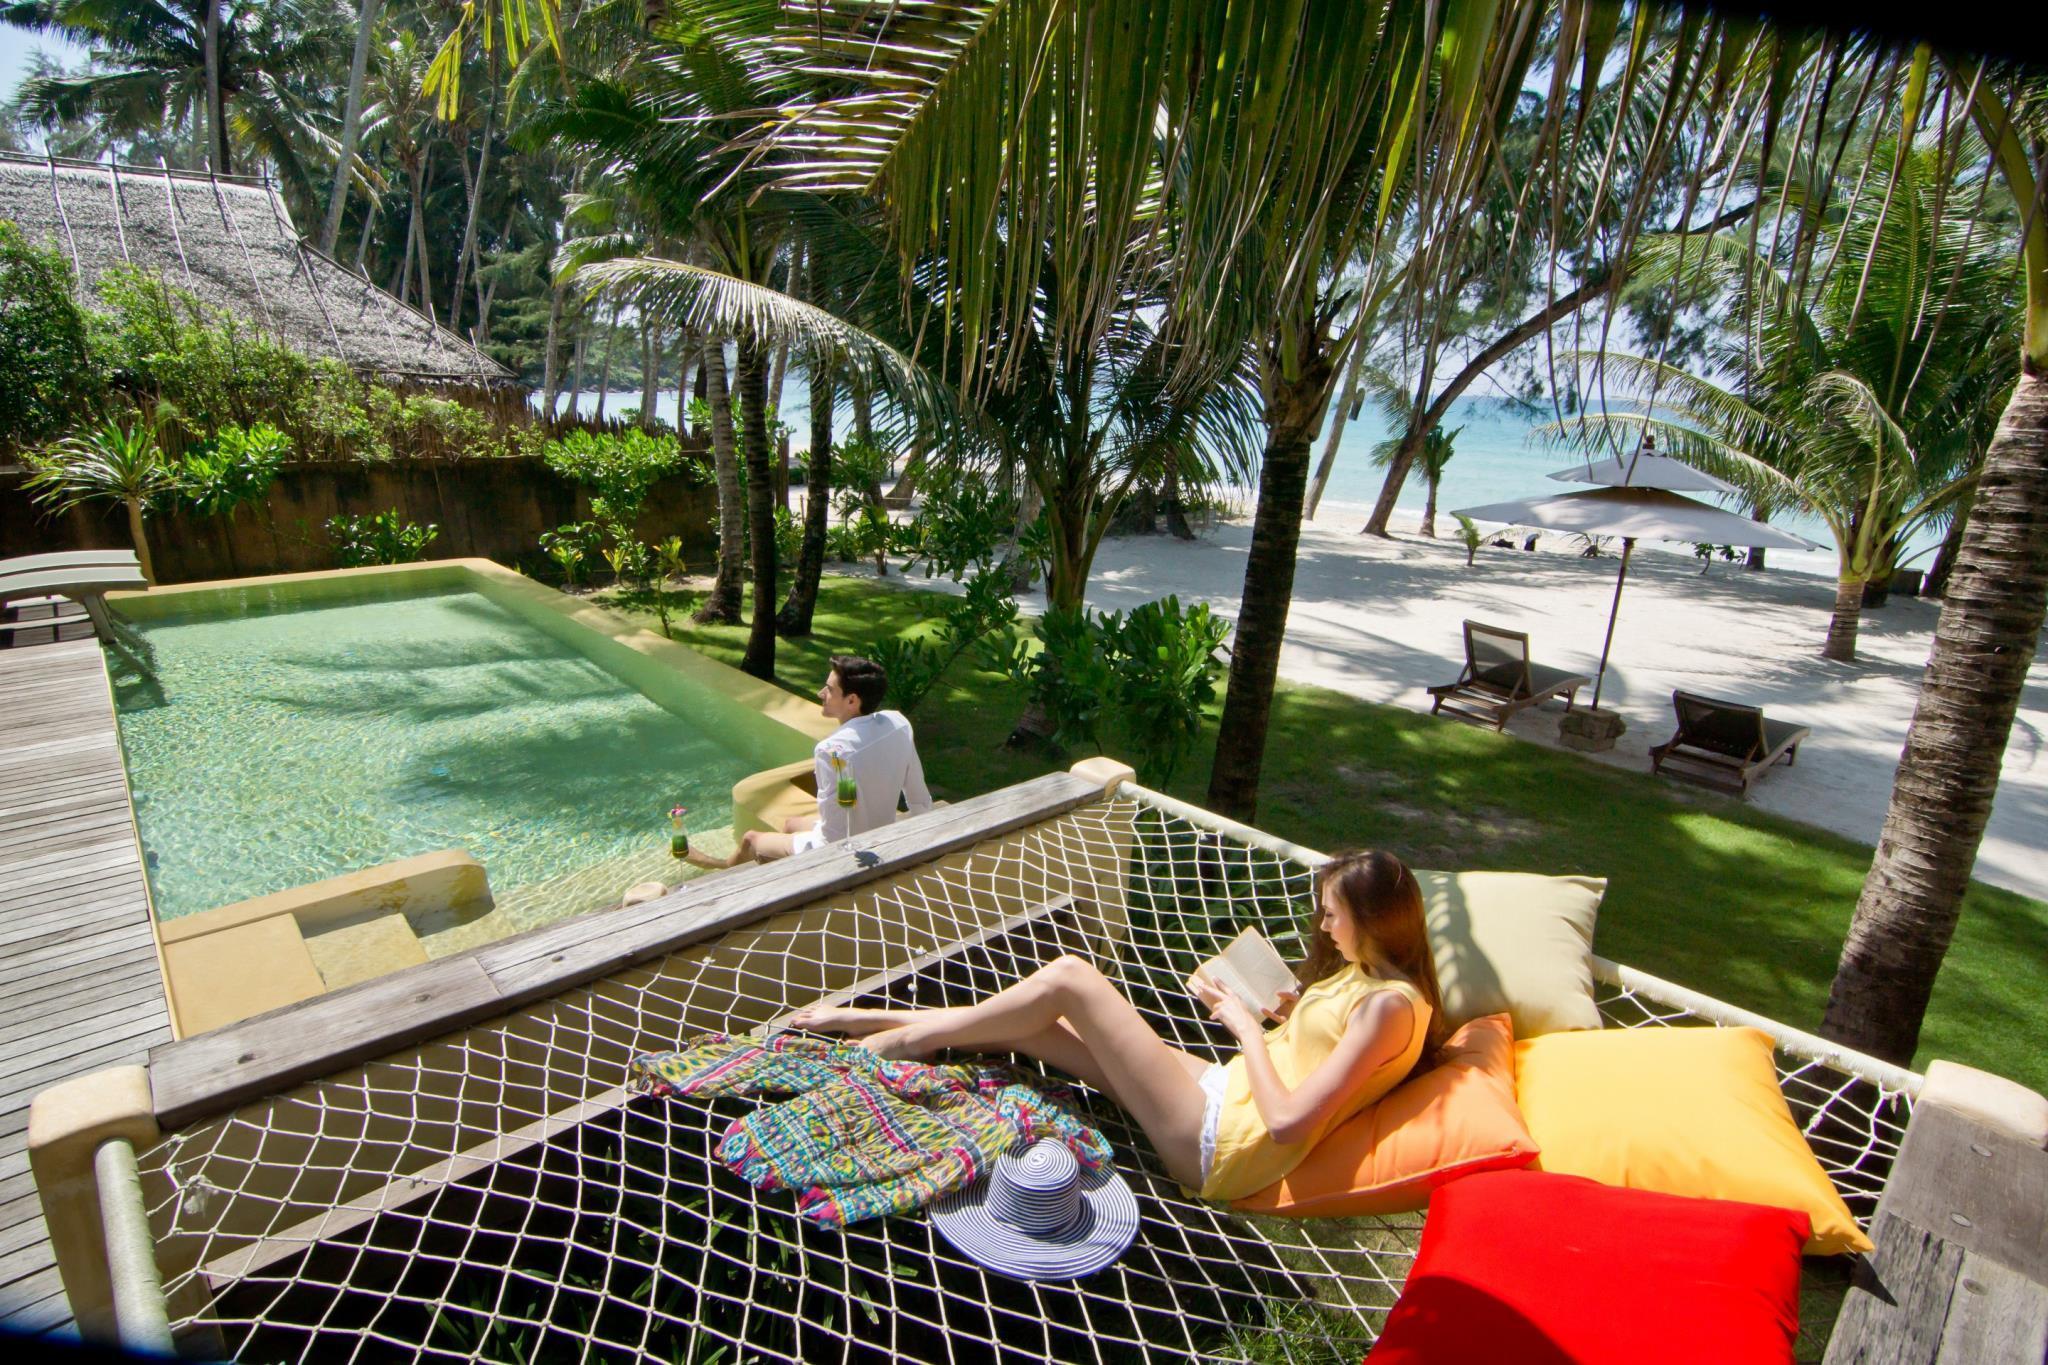 High Season Pool Villa & Spa ไฮ ซีซั่น พูล วิลลา แอนด์ สปา